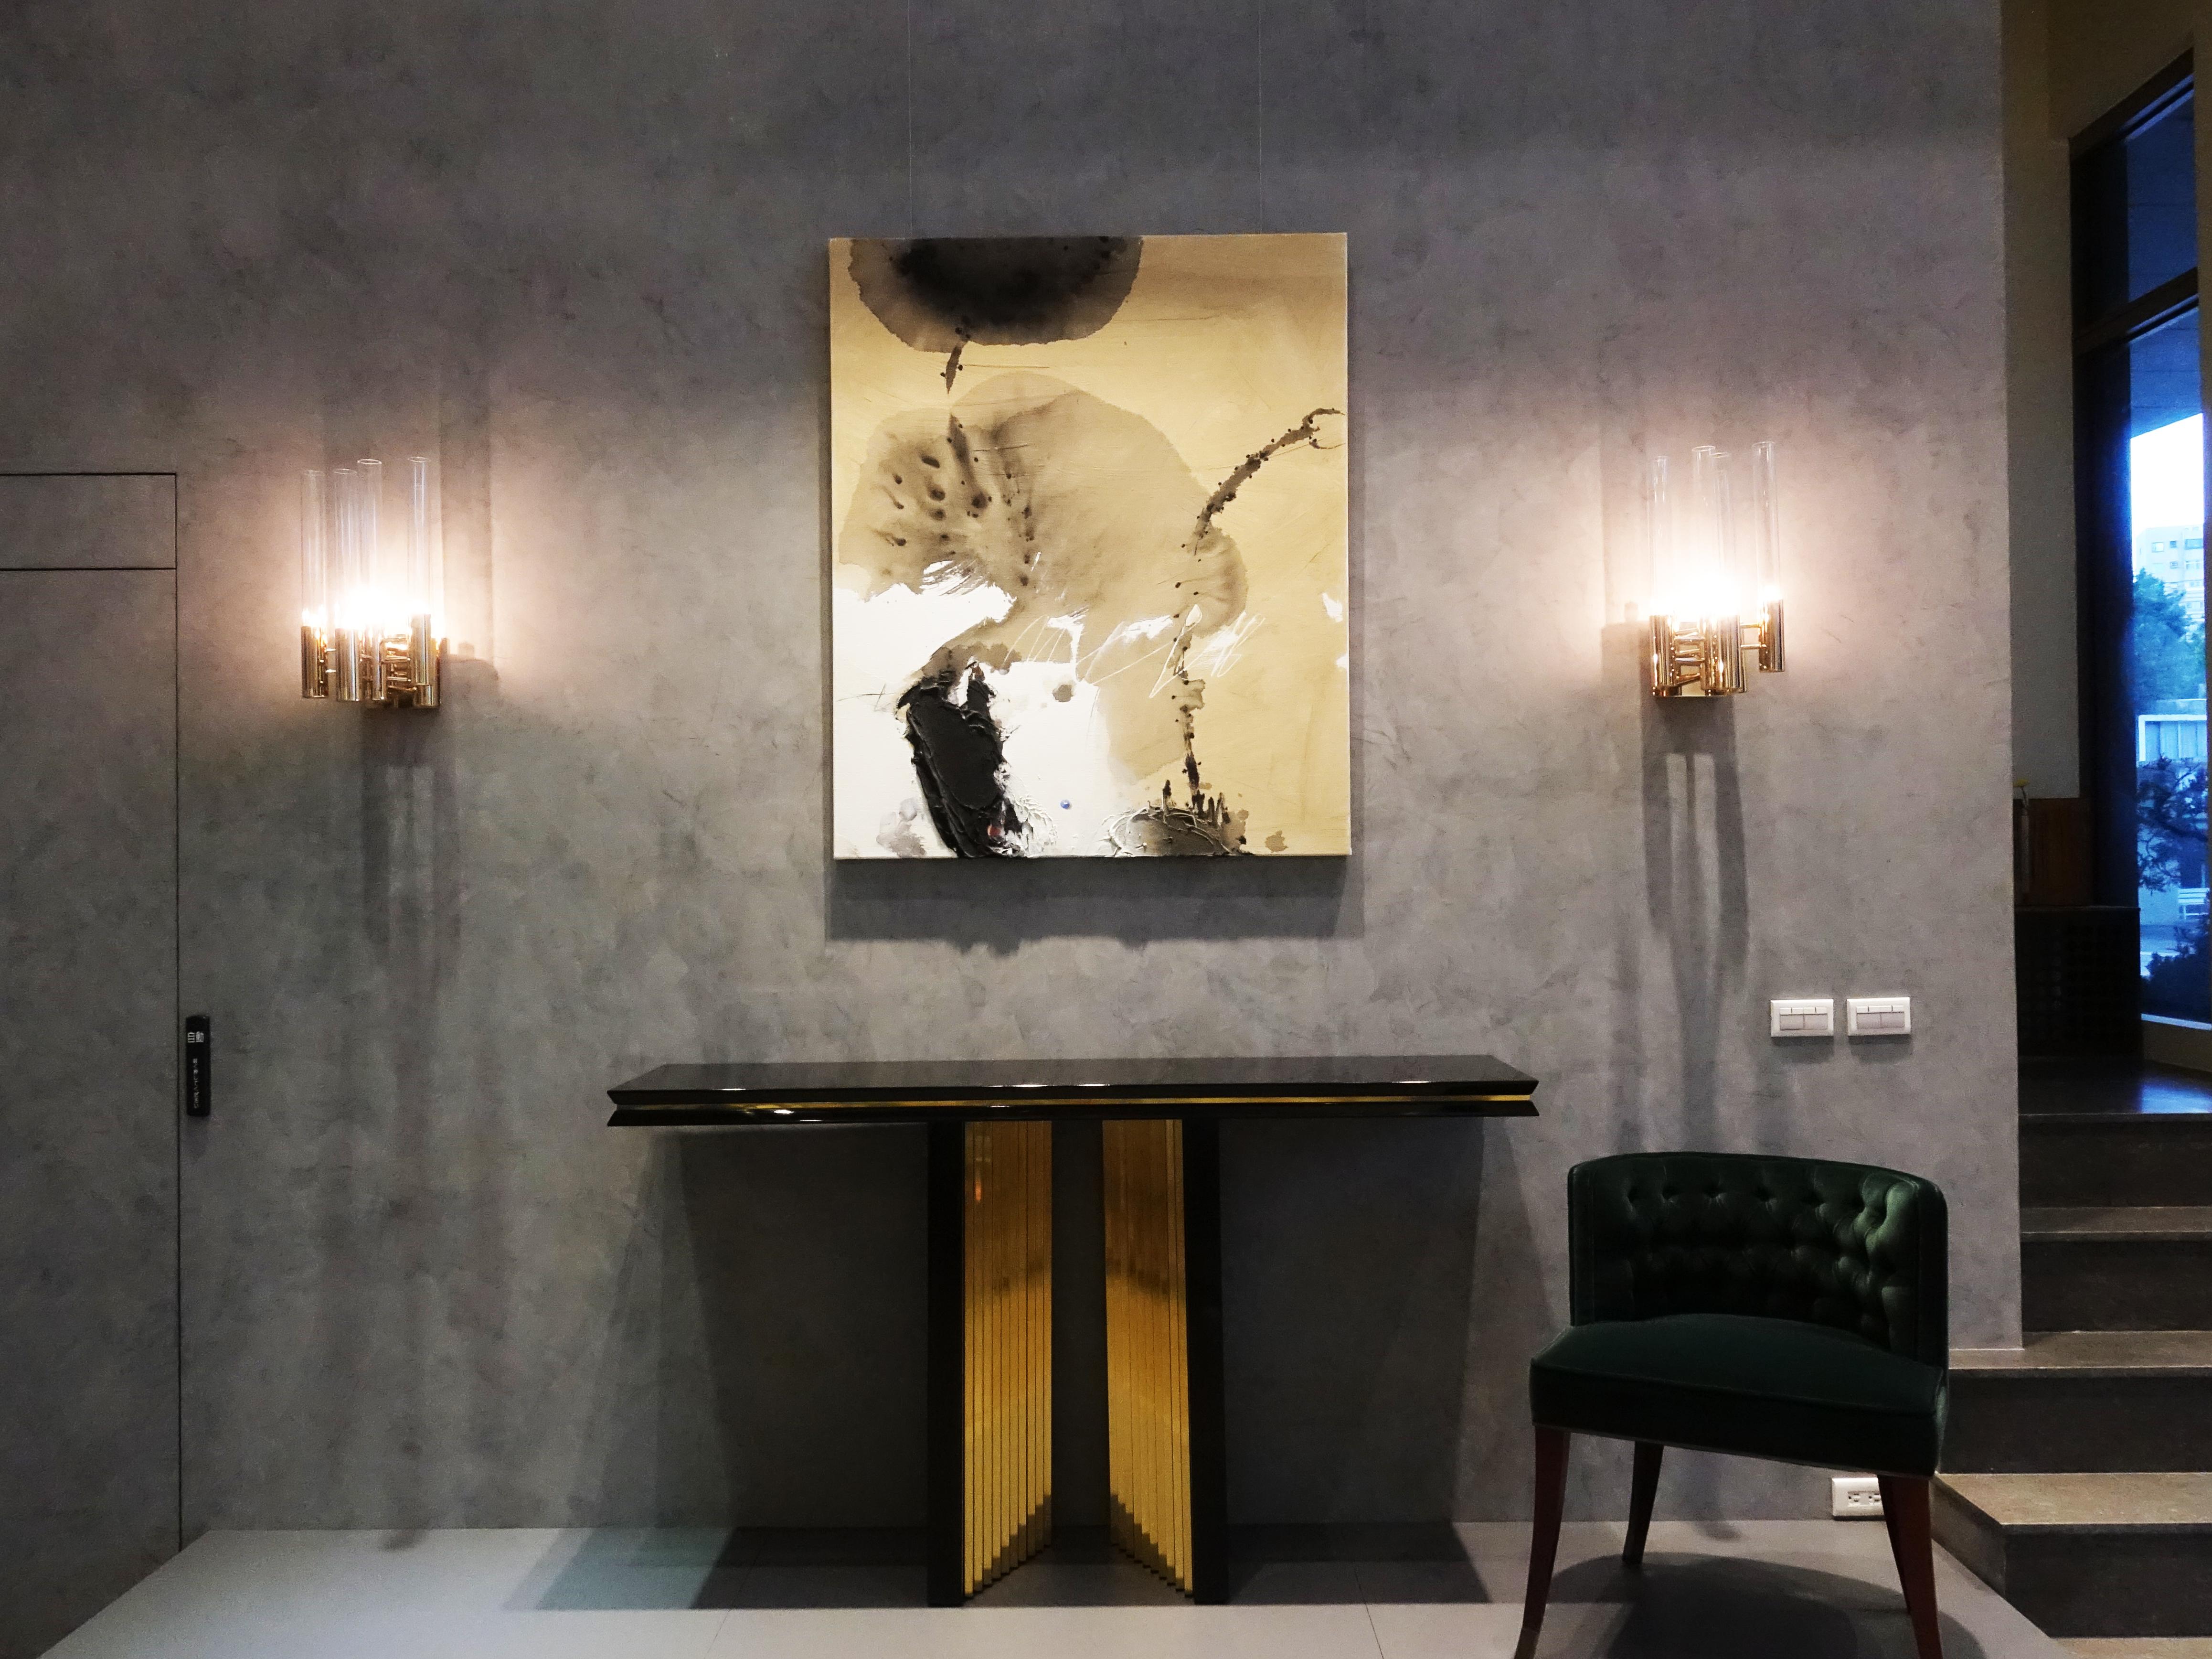 Chens Art Gallery 展出藝術家黃耀堂抽象作品。